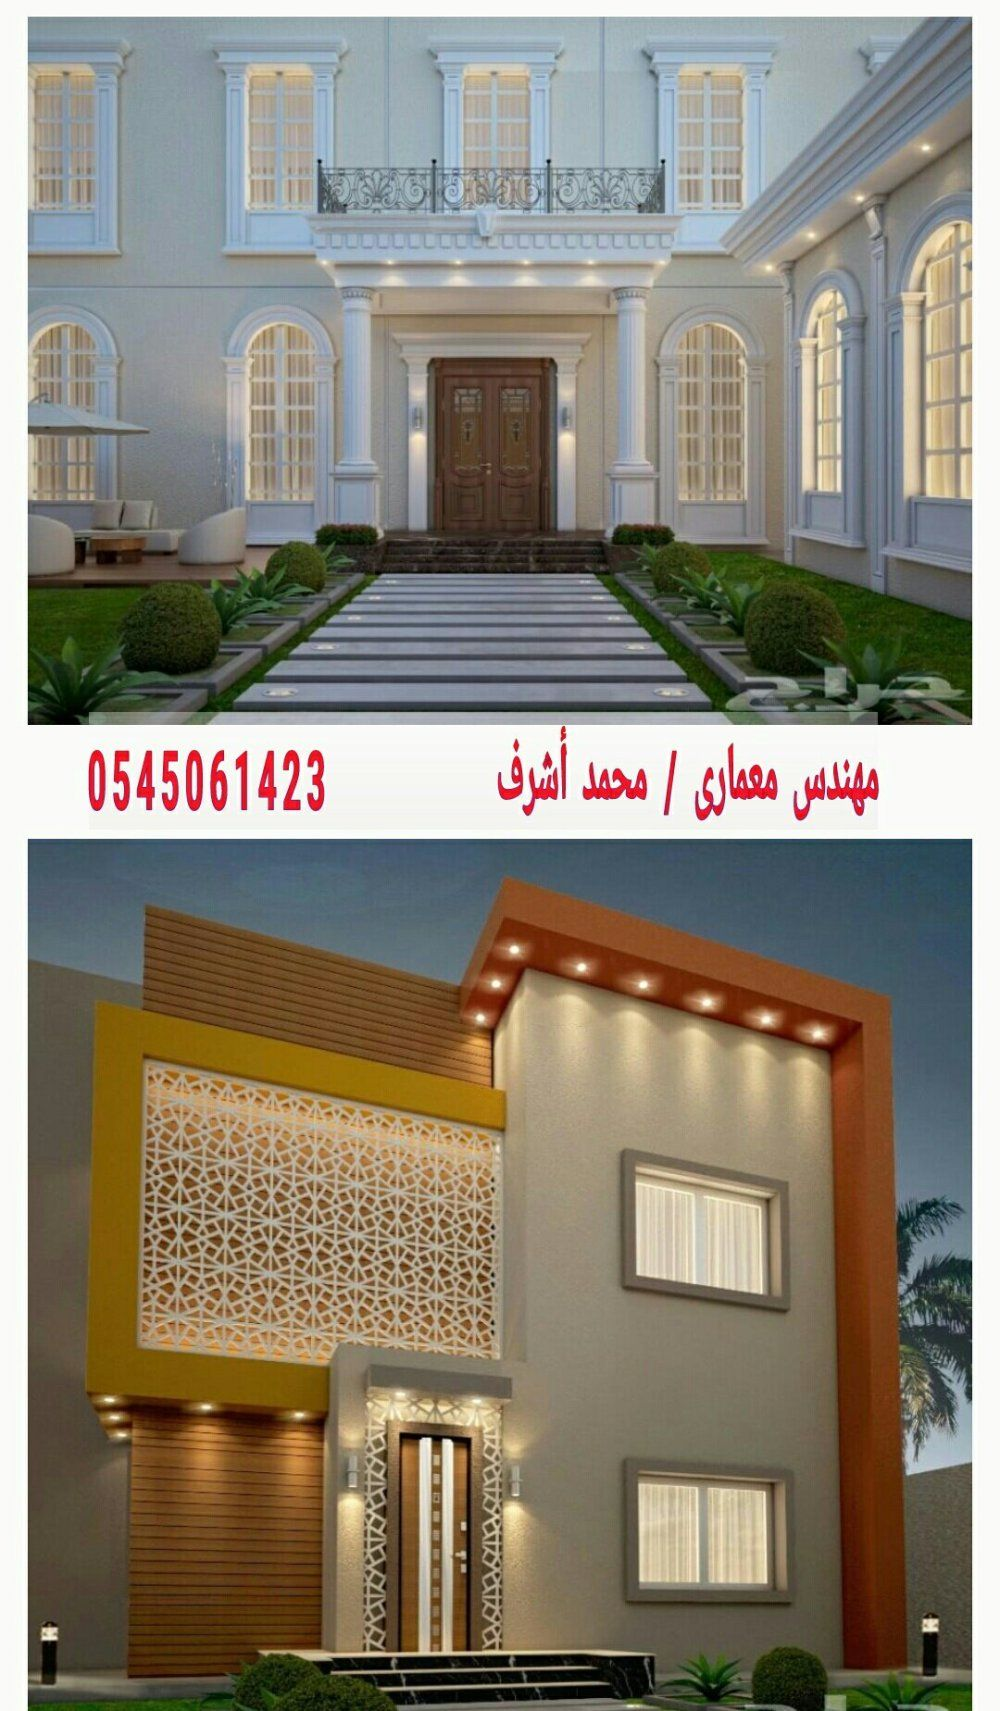 مهندس معماري في الرياض 0545061423 مهندس تصاميم قصور في الرياض احدث تصاميم ثلاثيه الابعاد مصمم لواجهات الفلل في الرياض مهندس تصميم ديكورات بالرياض اشكال تصامي Modern House Facades House Styles House